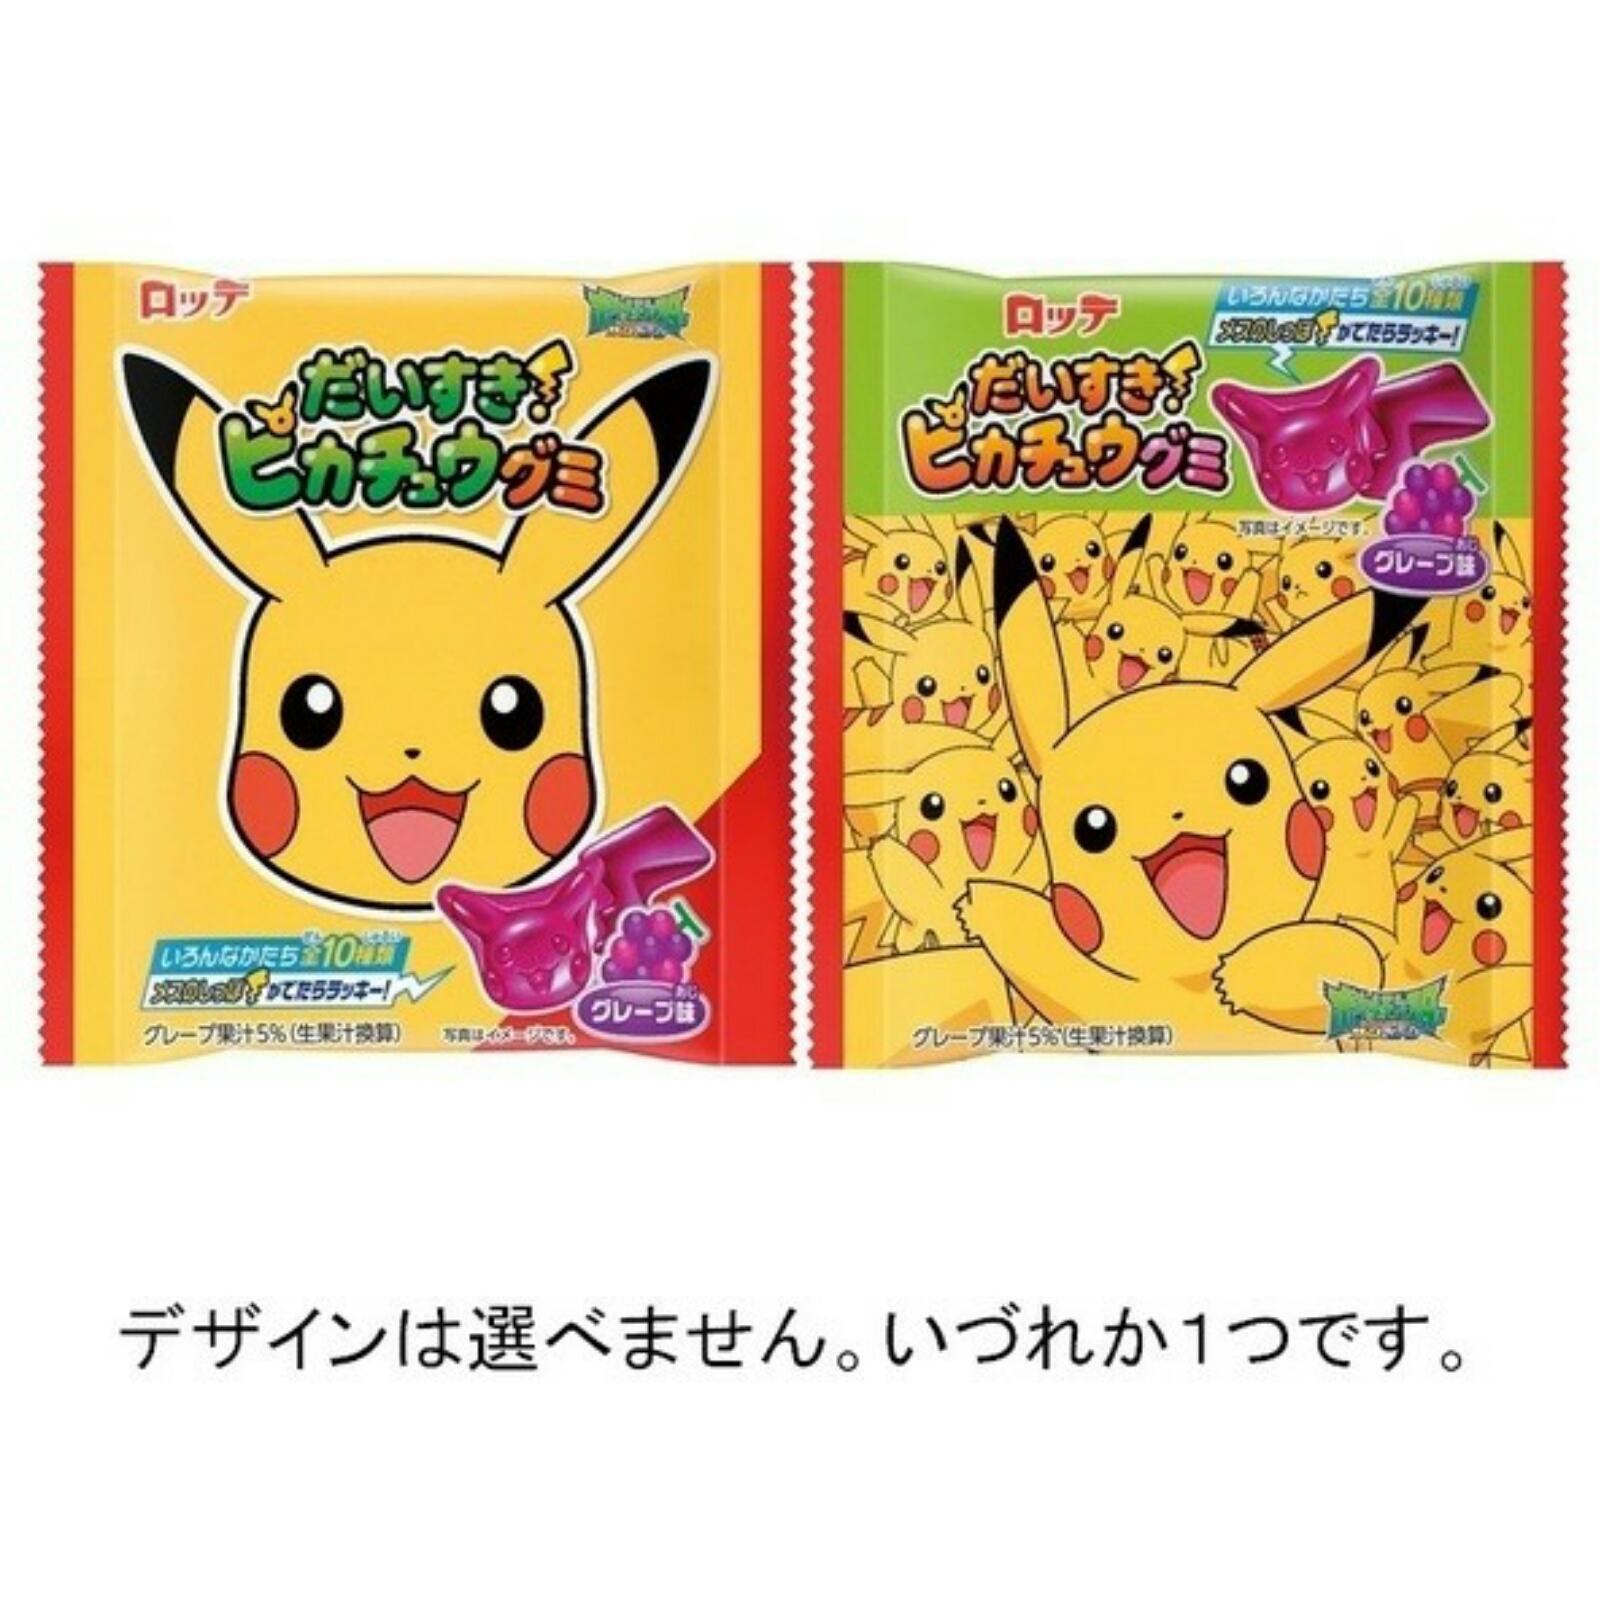 有樂町進口食品 日本樂天 熱搜手遊 寶可夢 神奇寶貝 皮卡丘造型葡萄軟糖 J30 49779134